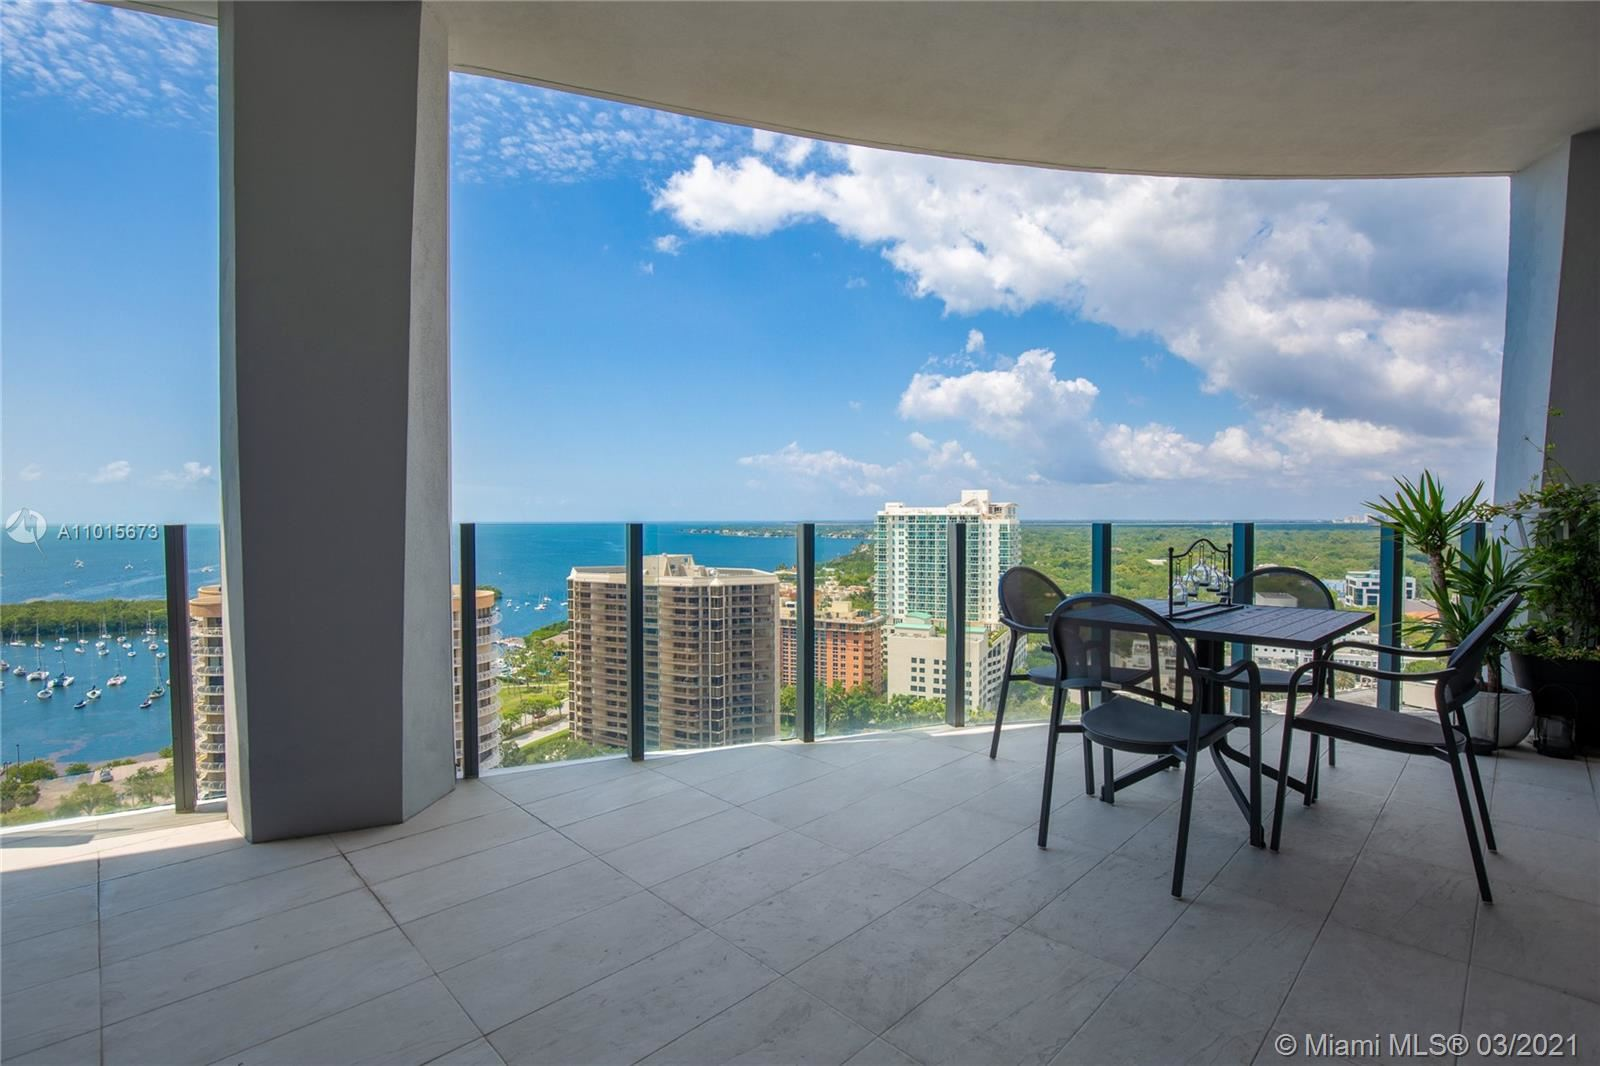 2831 S Bayshore Dr #2101, Miami, FL 33133 - MLS#: A11015673